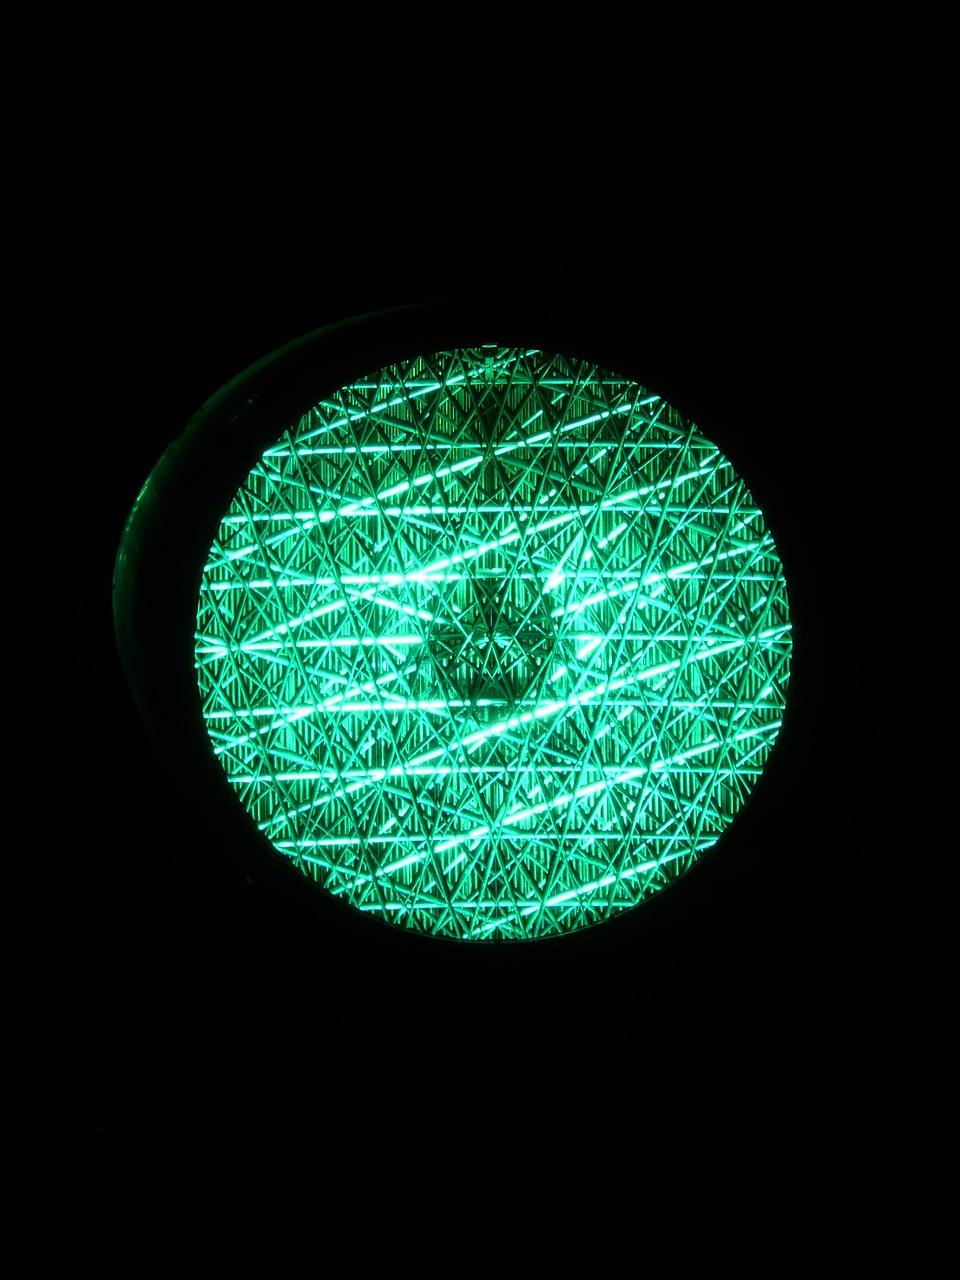 свет светофор картинки зеленый